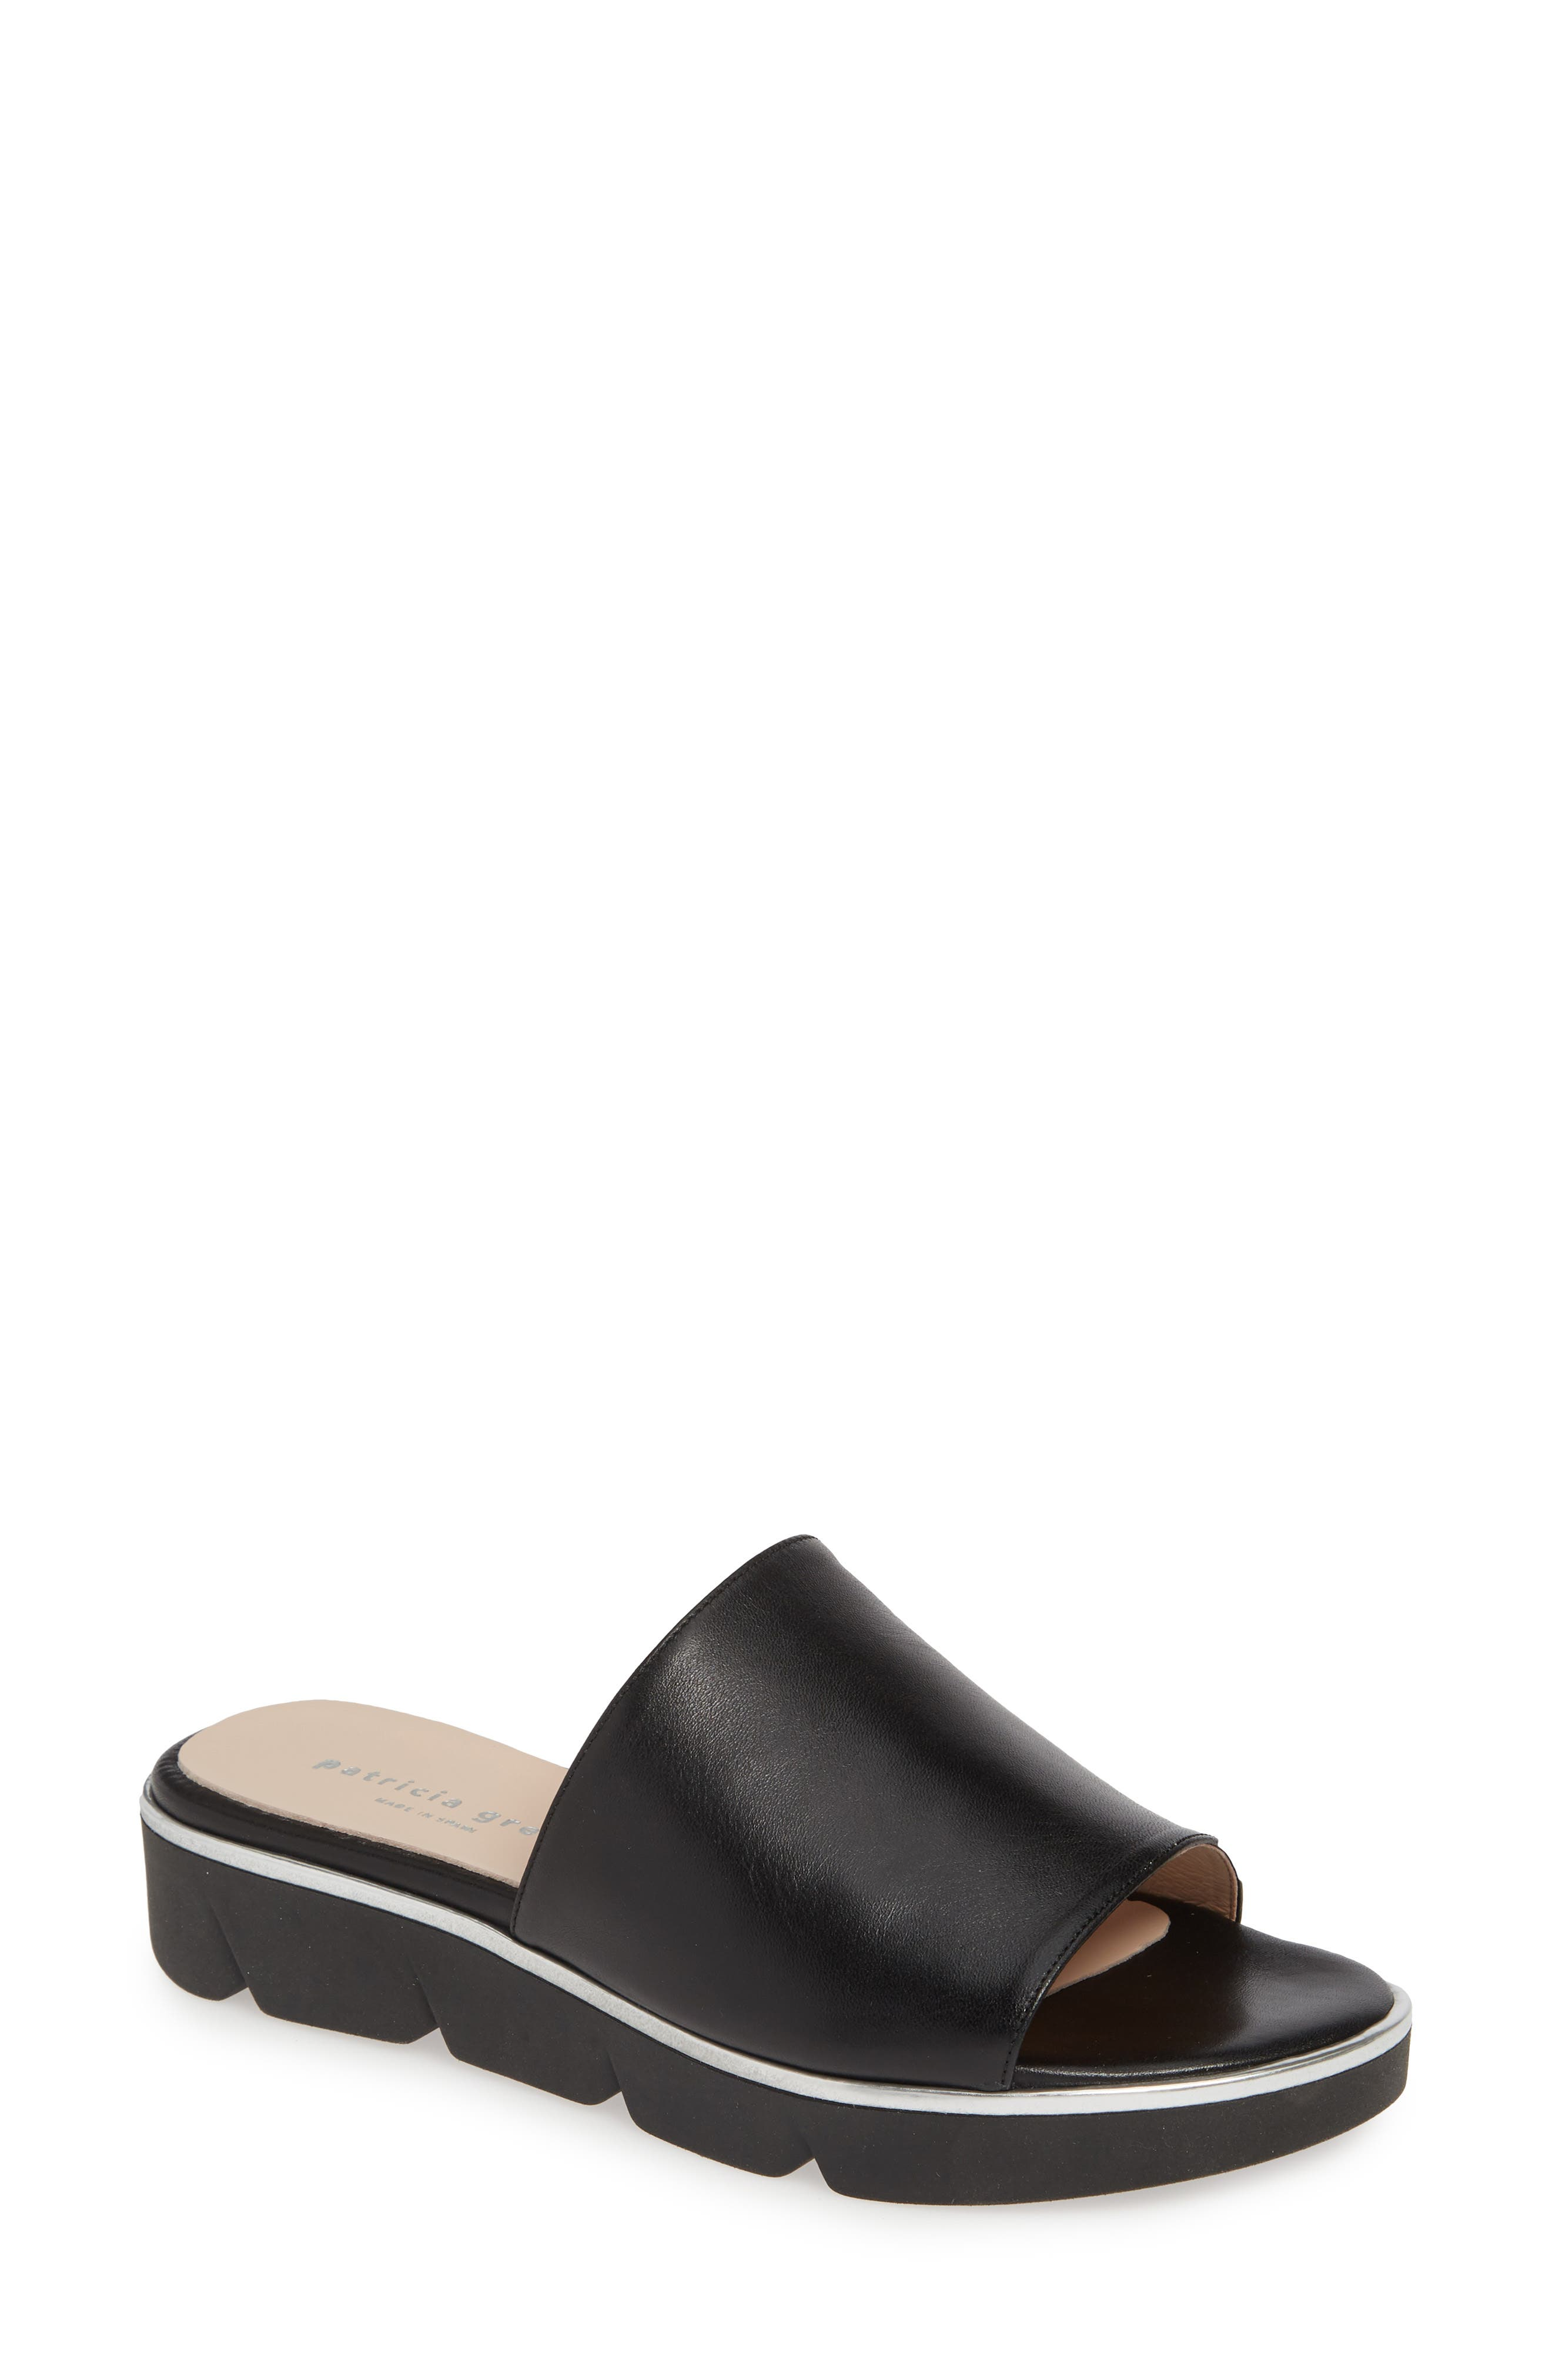 Patricia Green Callie Slide Sandal, Black